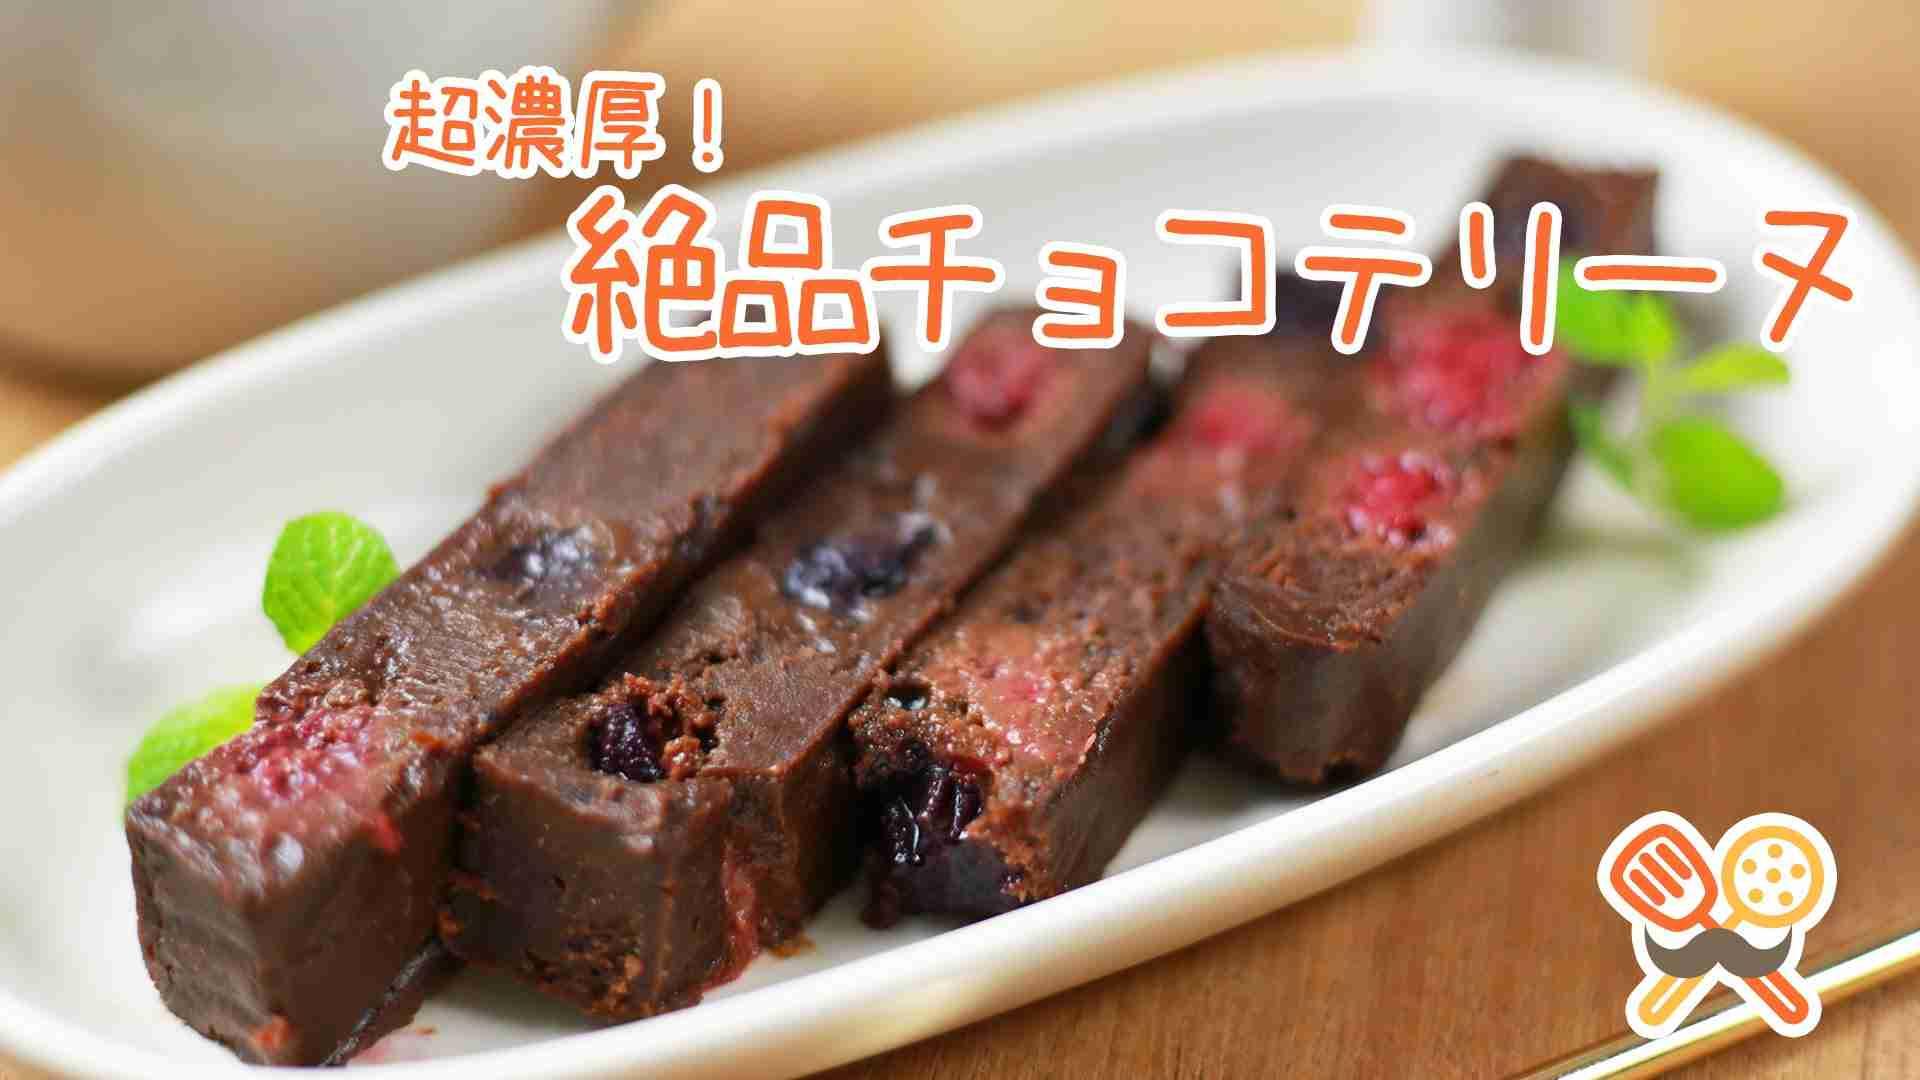 超濃厚!『絶品チョコレートテリーヌ』How to make chocolate terrine【もぐー】 - YouTube